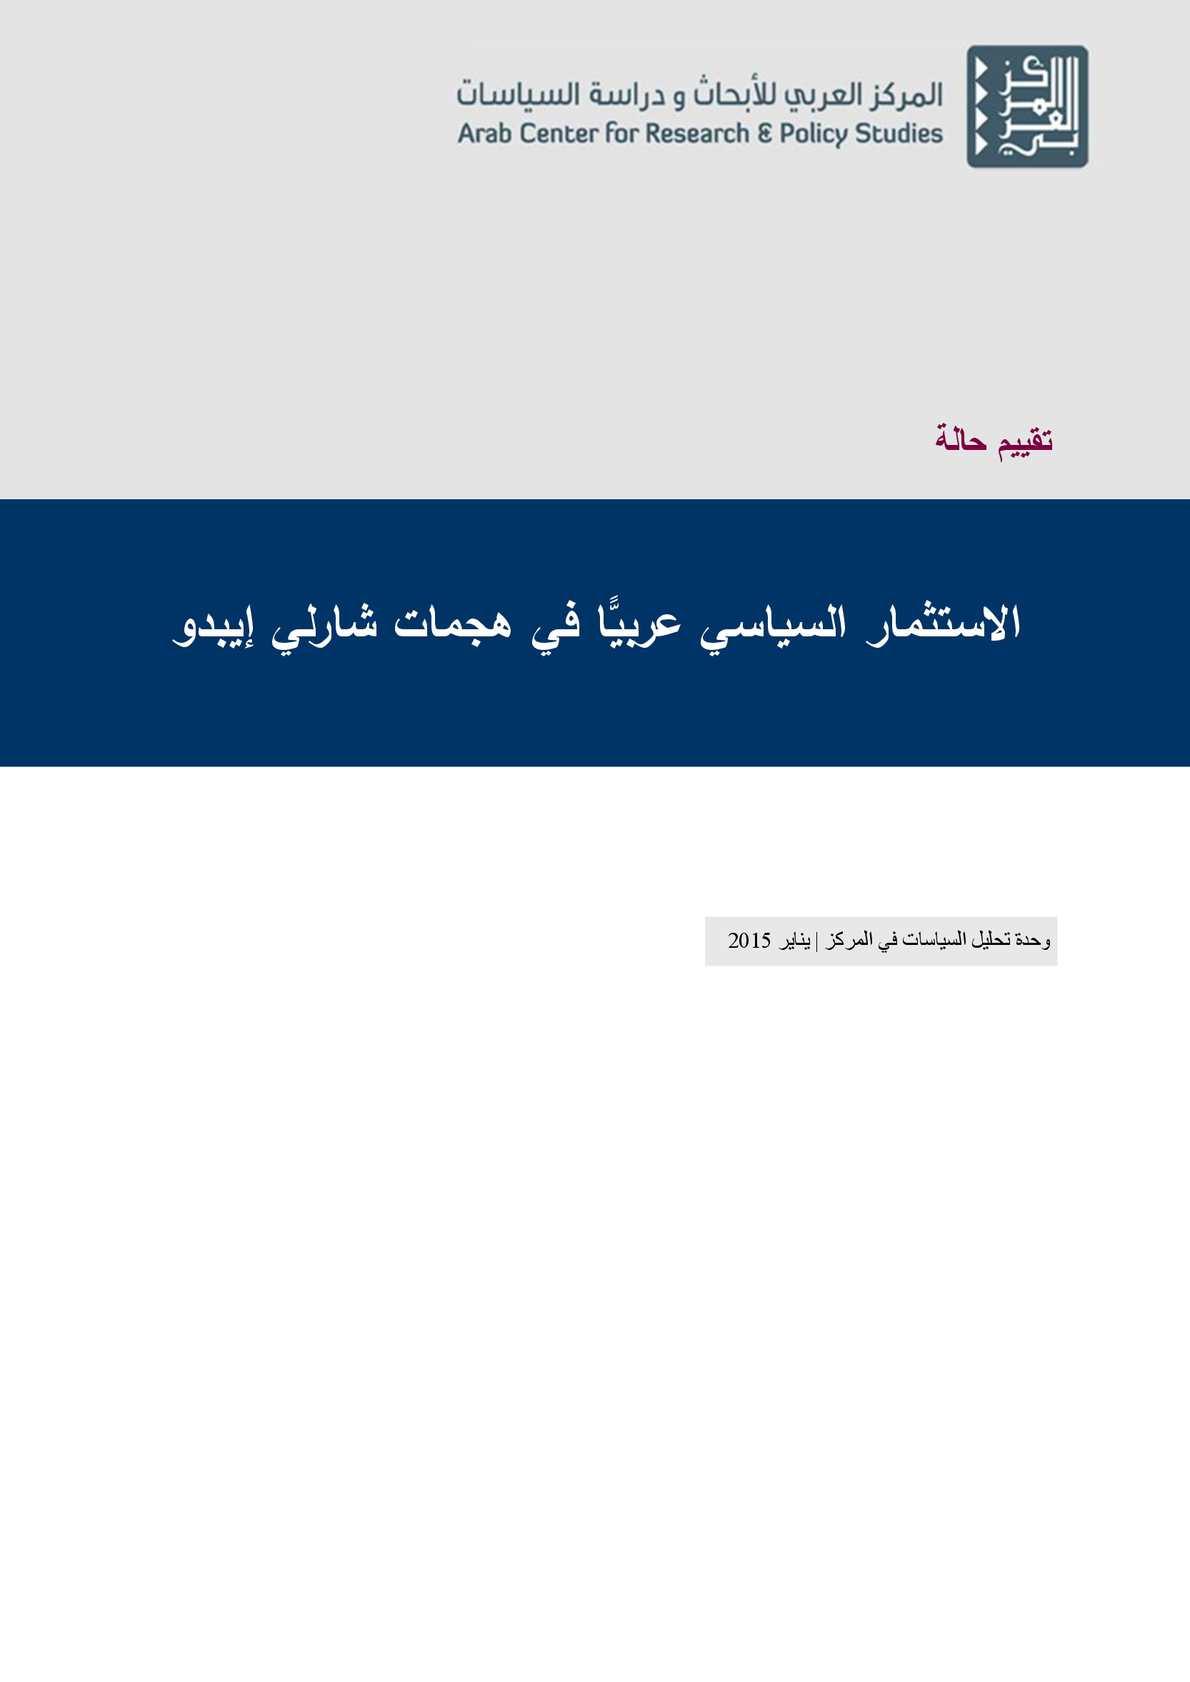 الاستثمار السياسي عربيًّا في هجمات شارلي إيبدو